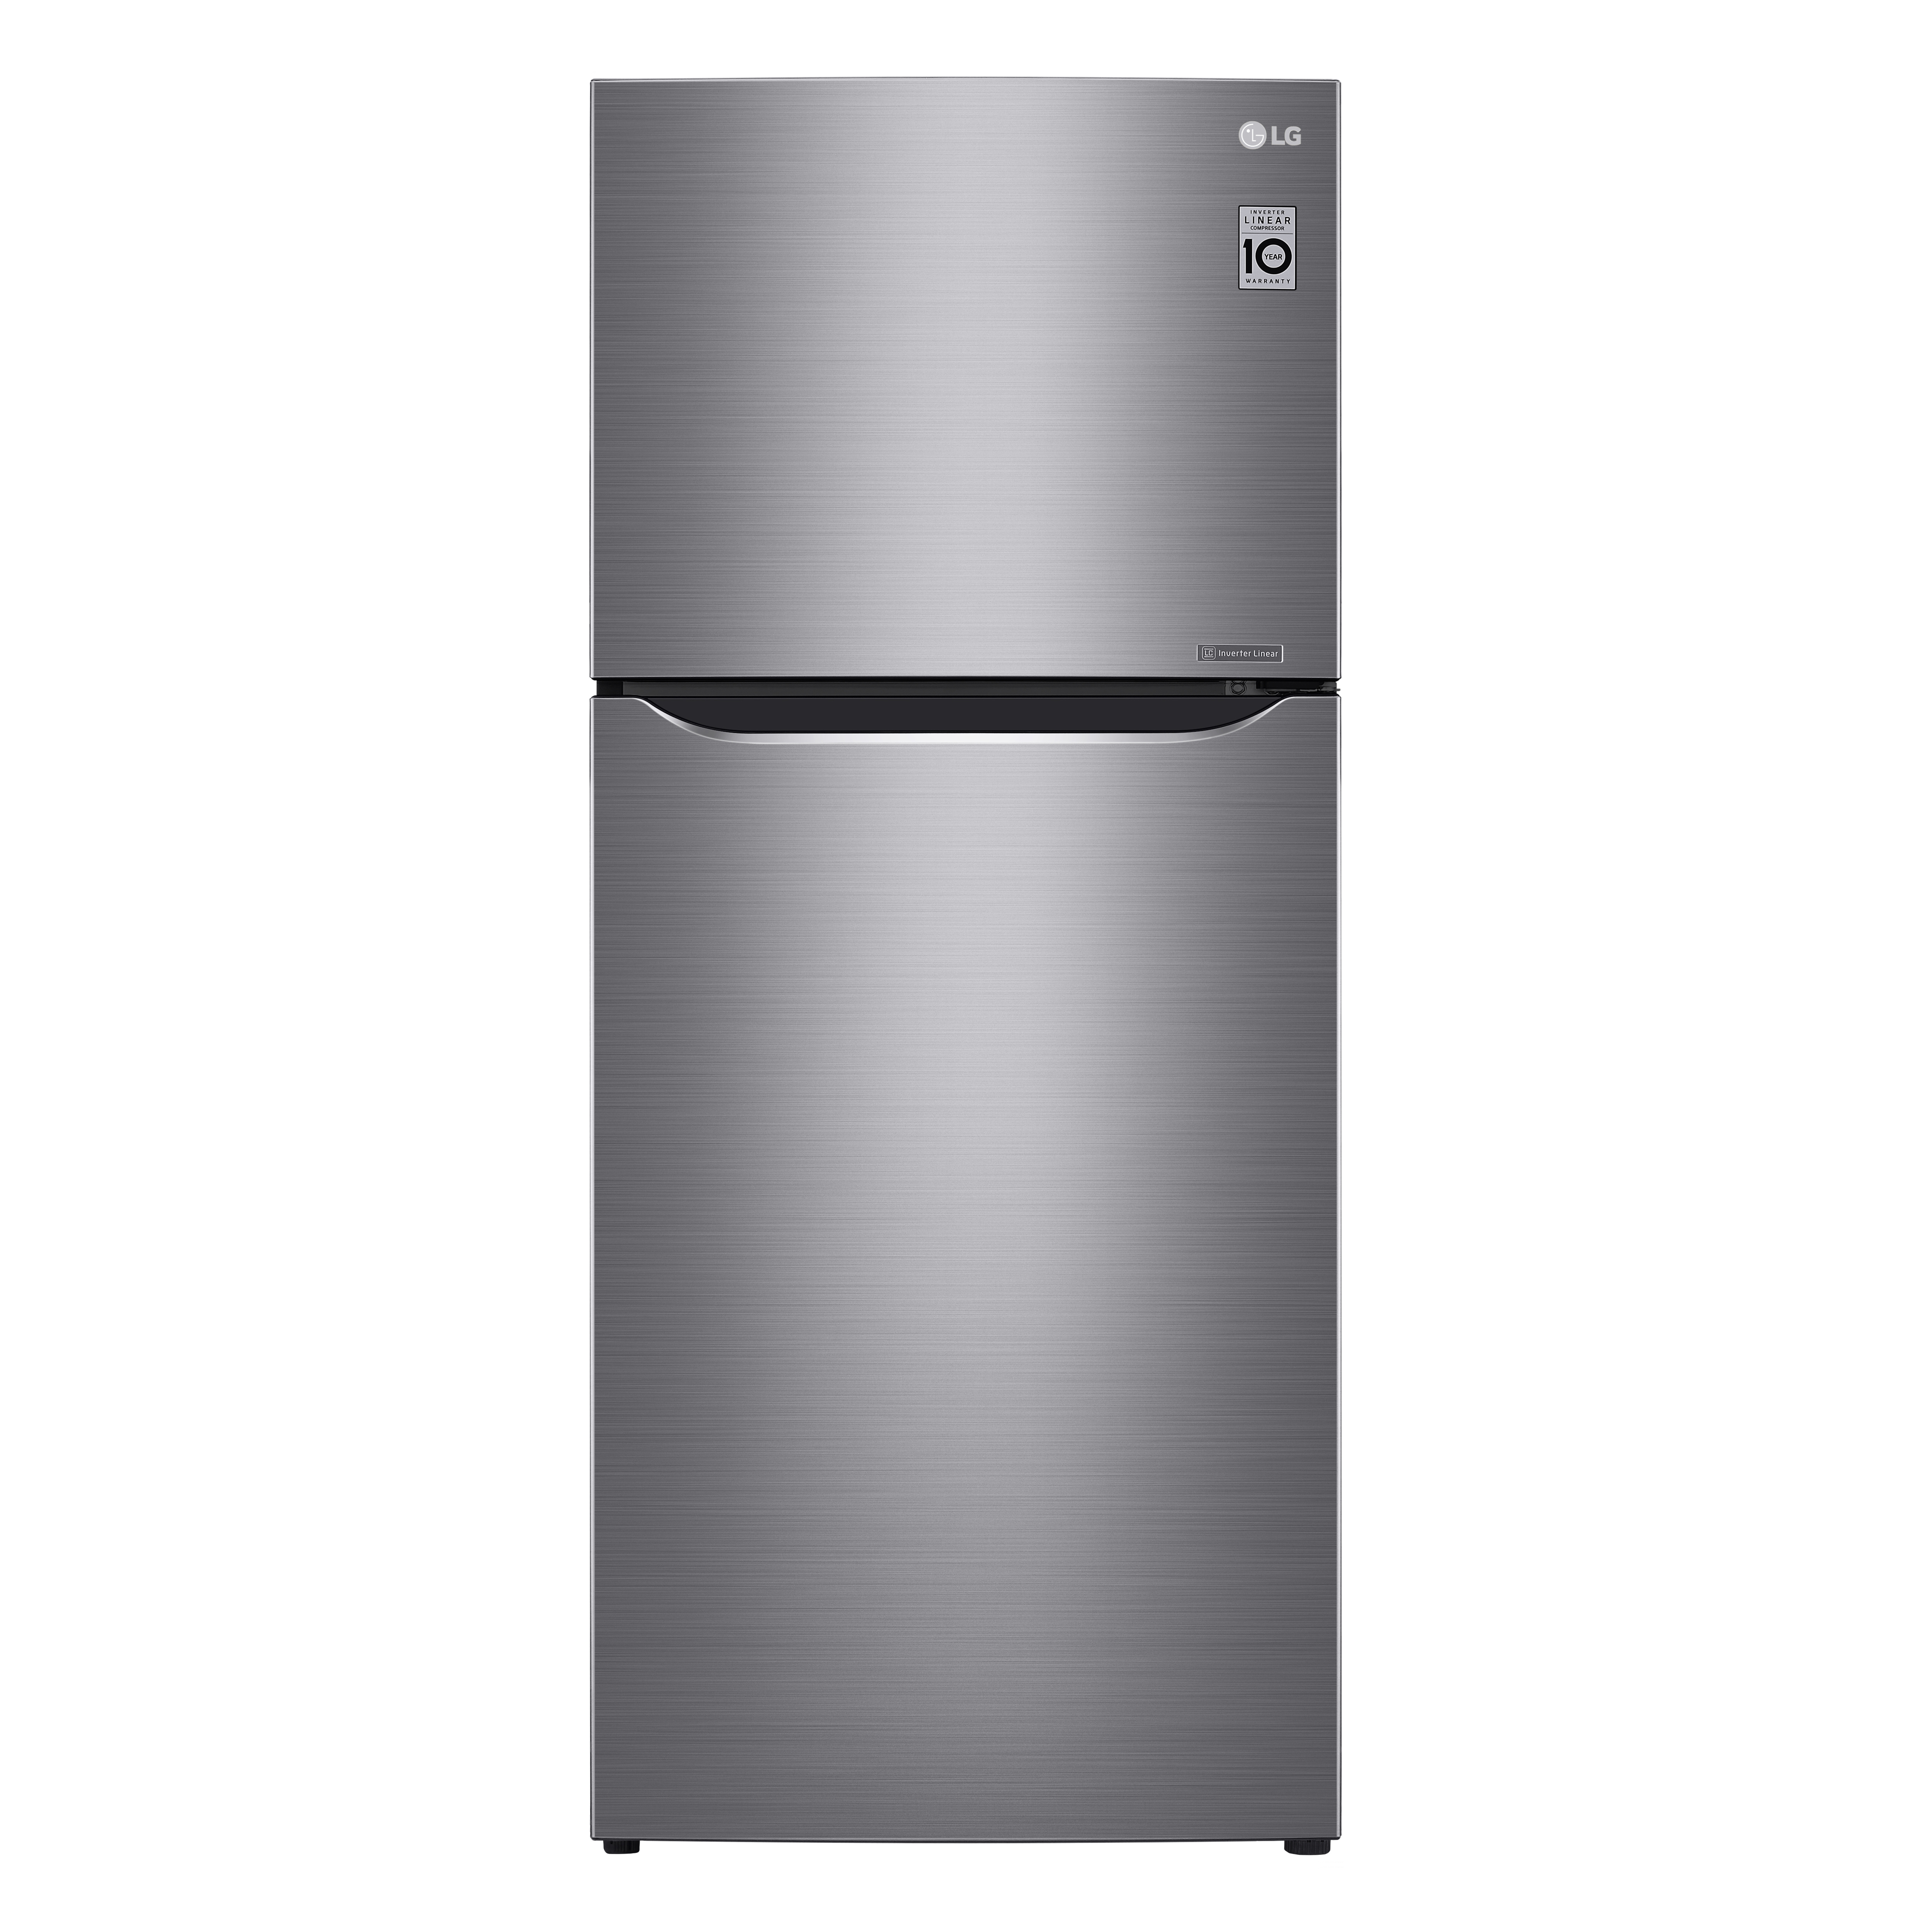 Lg No Frost (frigorifero) - Gtb83pzczd.apzqeur